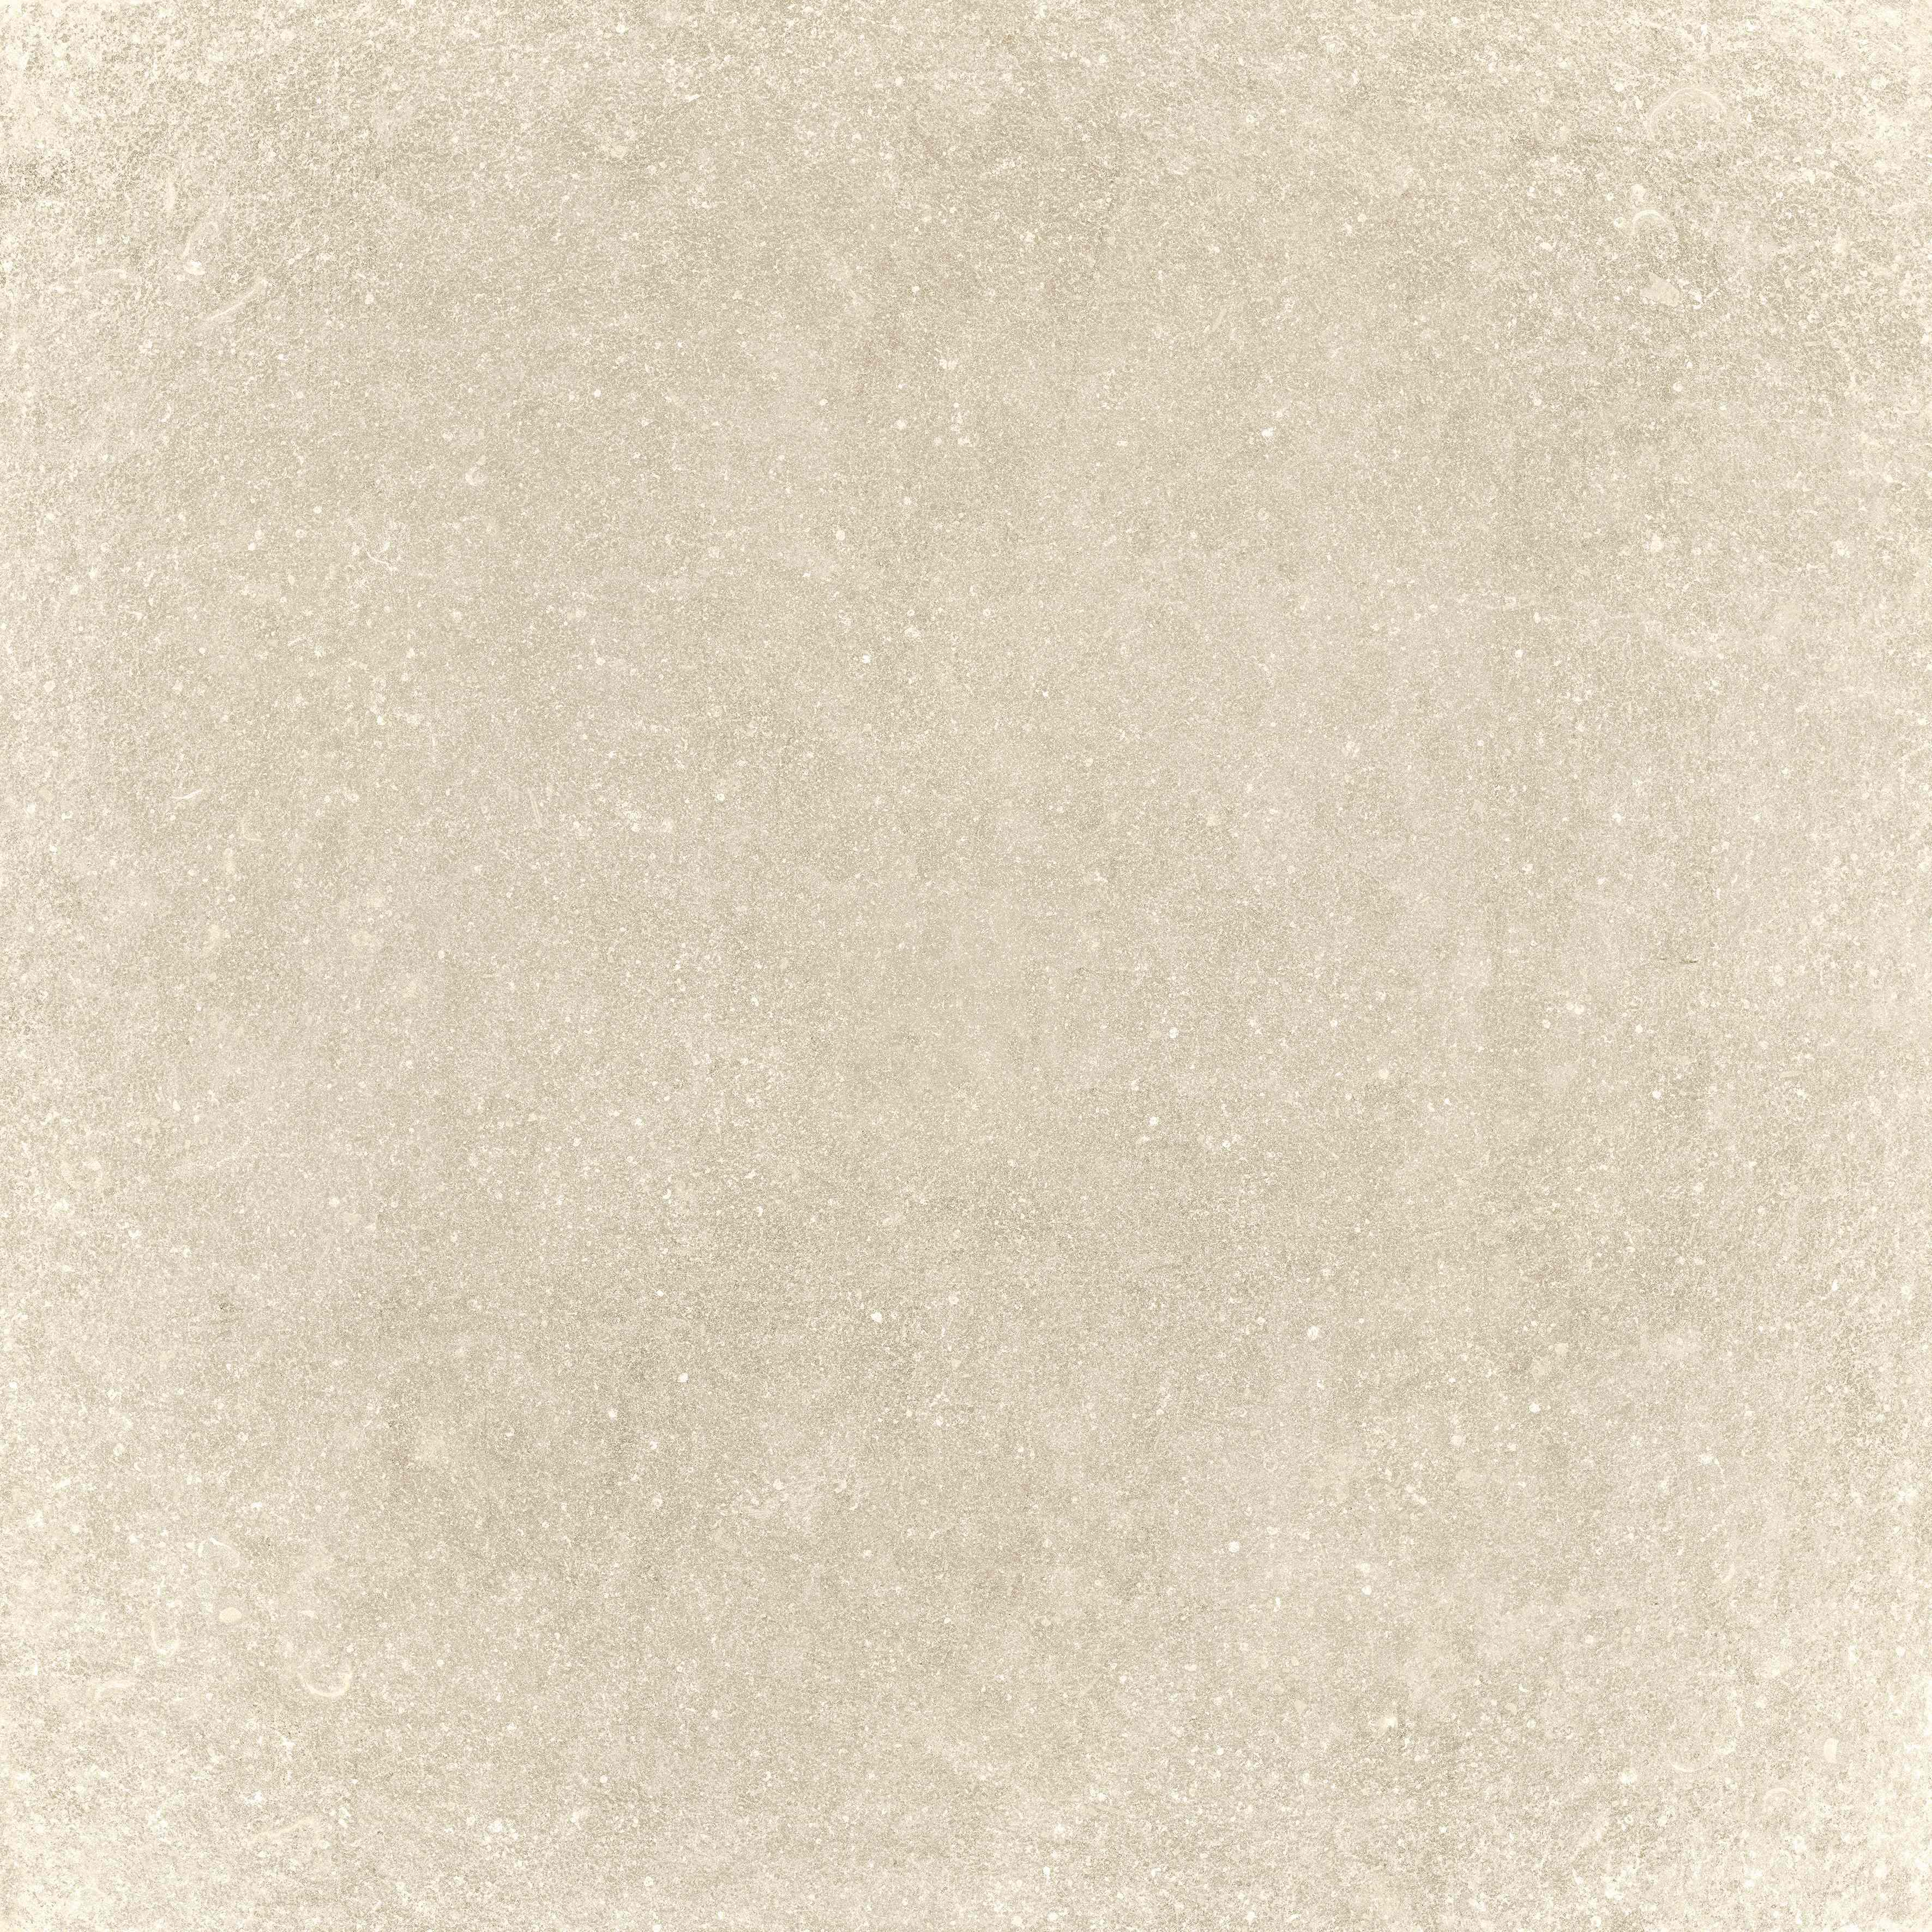 Плитка BEIGE (ZRXPZ3R) изображение 3